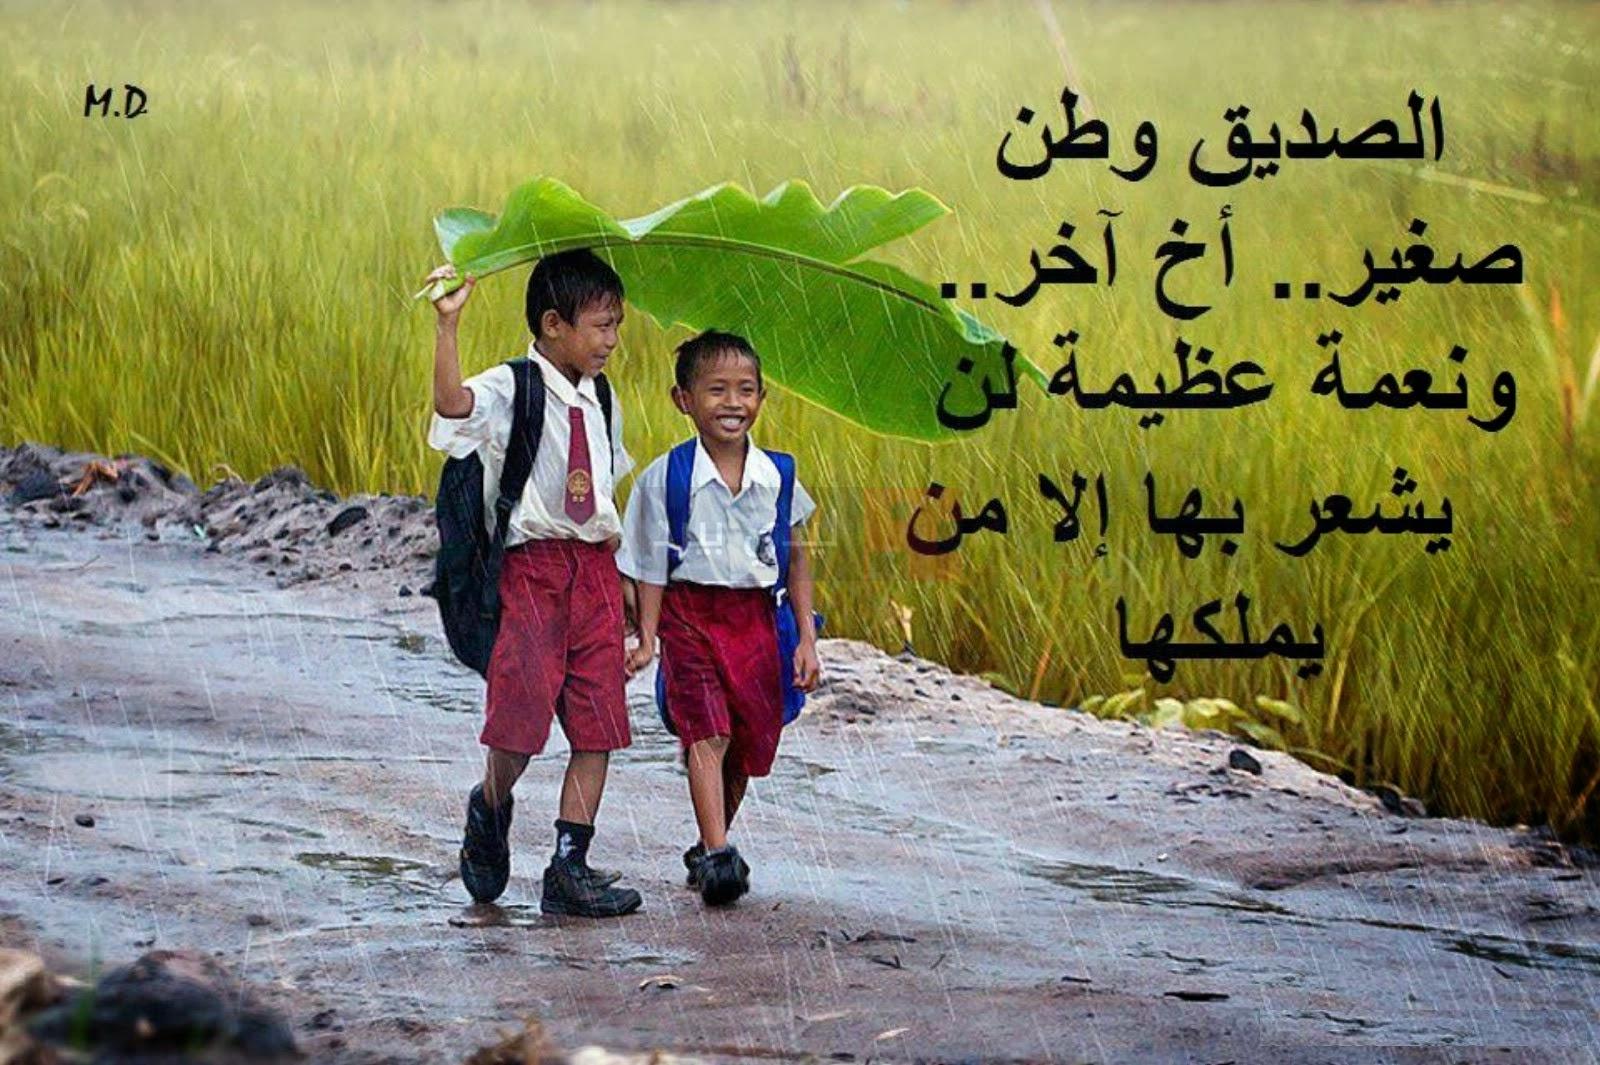 صوره مدح صديق غالي , صور جميلة للاصدقاء